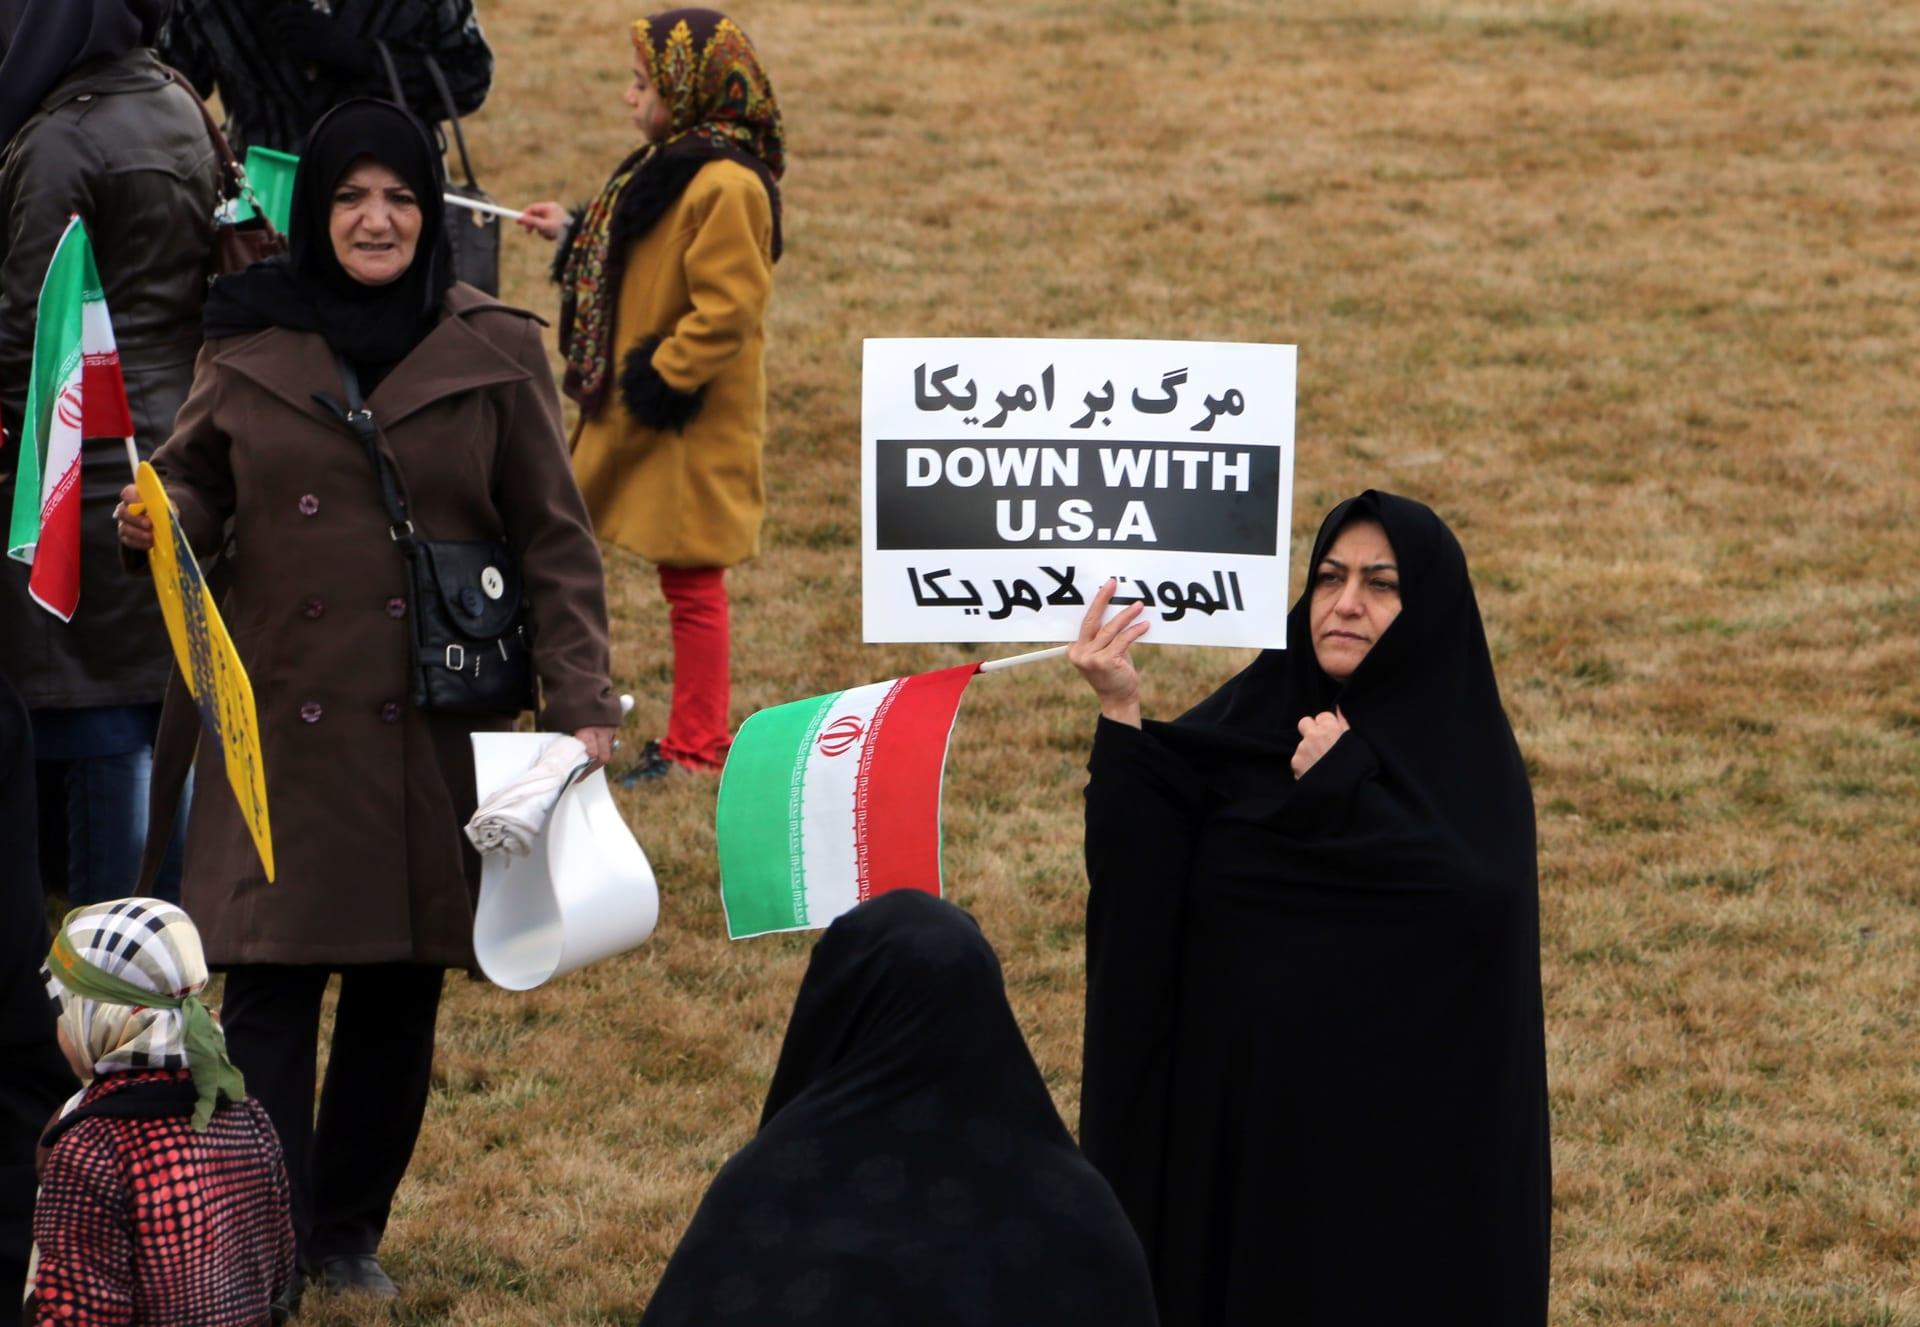 خامنئي: واشنطن تسيطر على مصير السعودية.. وهذا ما نقصده بالموت لأمريكا